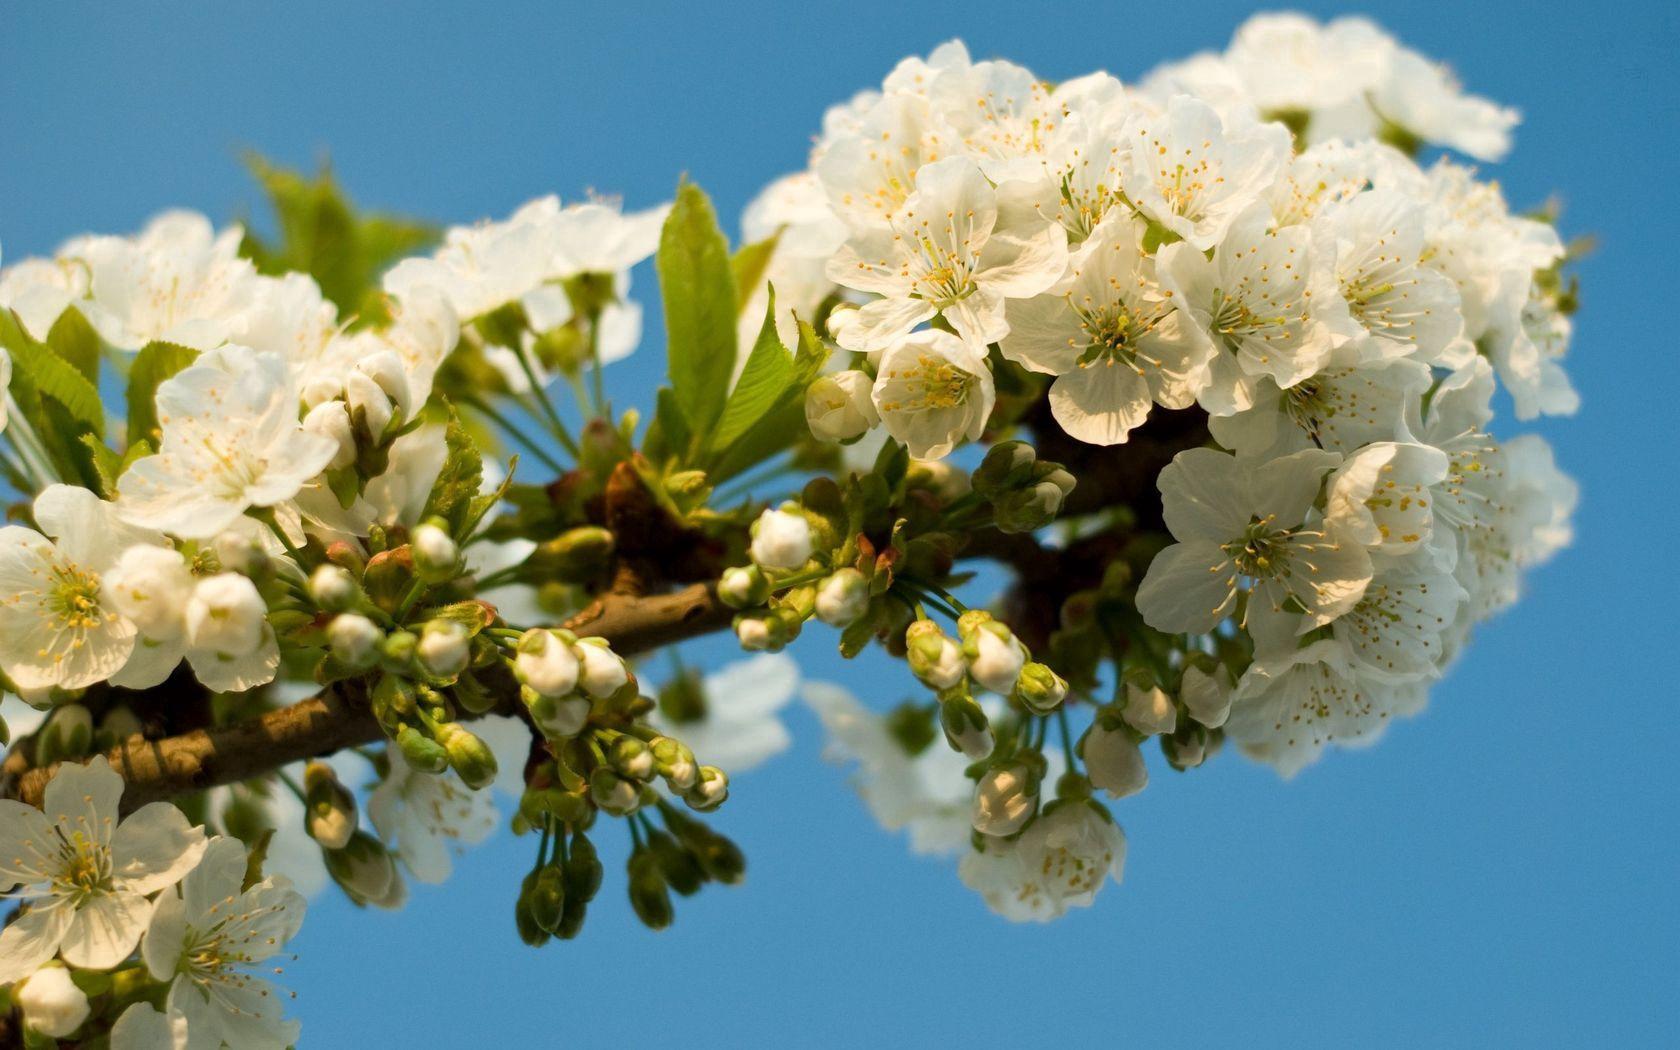 124130 скачать обои Цветы, Цветение, Ветка, Небо, Весна, Листья - заставки и картинки бесплатно